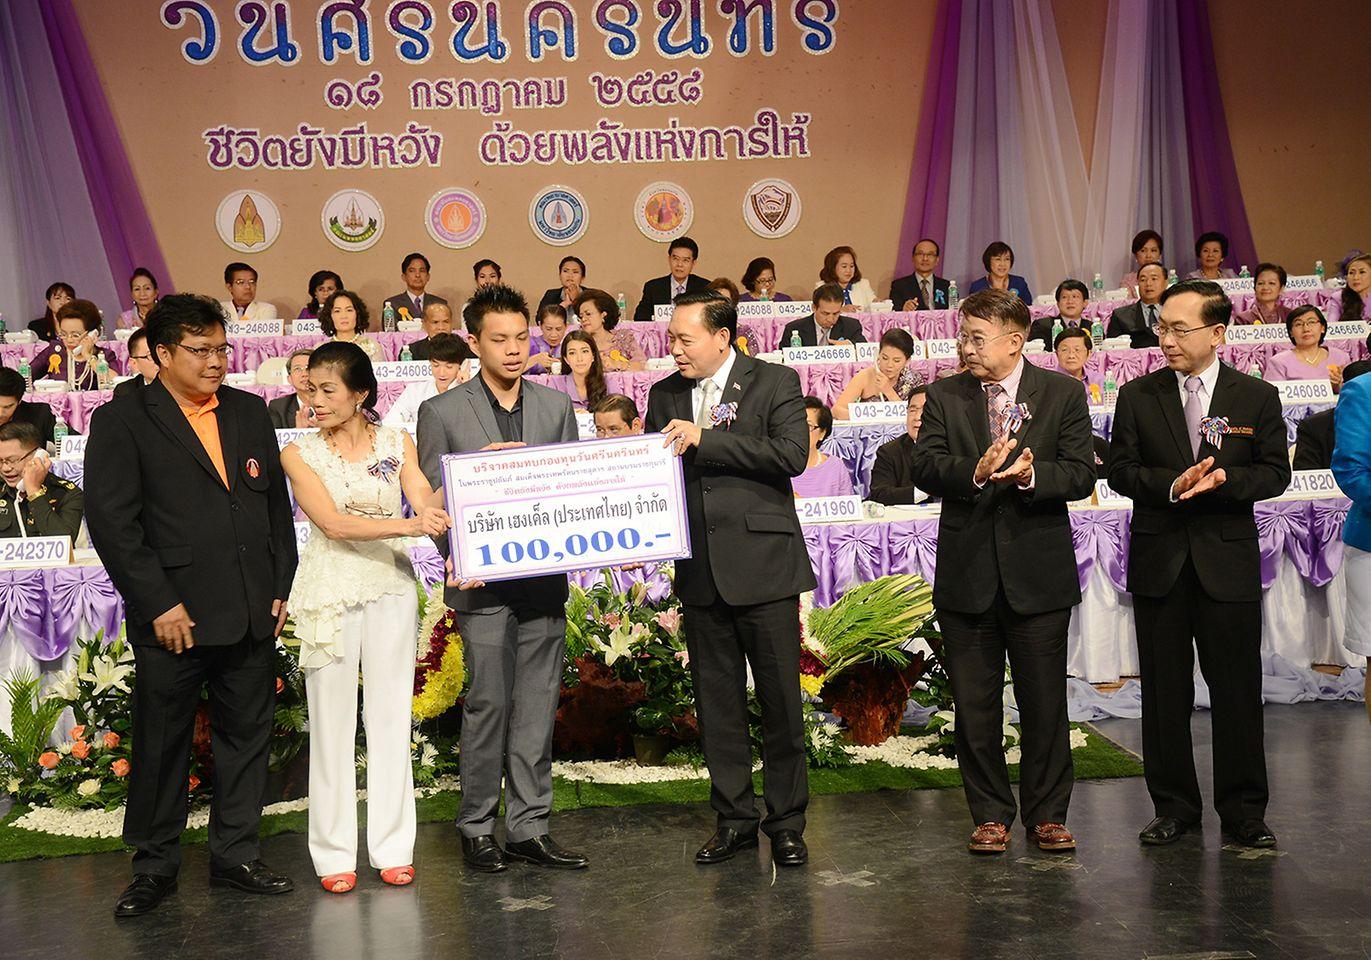 สนับสนุนมูลนิธิศรีนครินทร์ในประเทศไทย